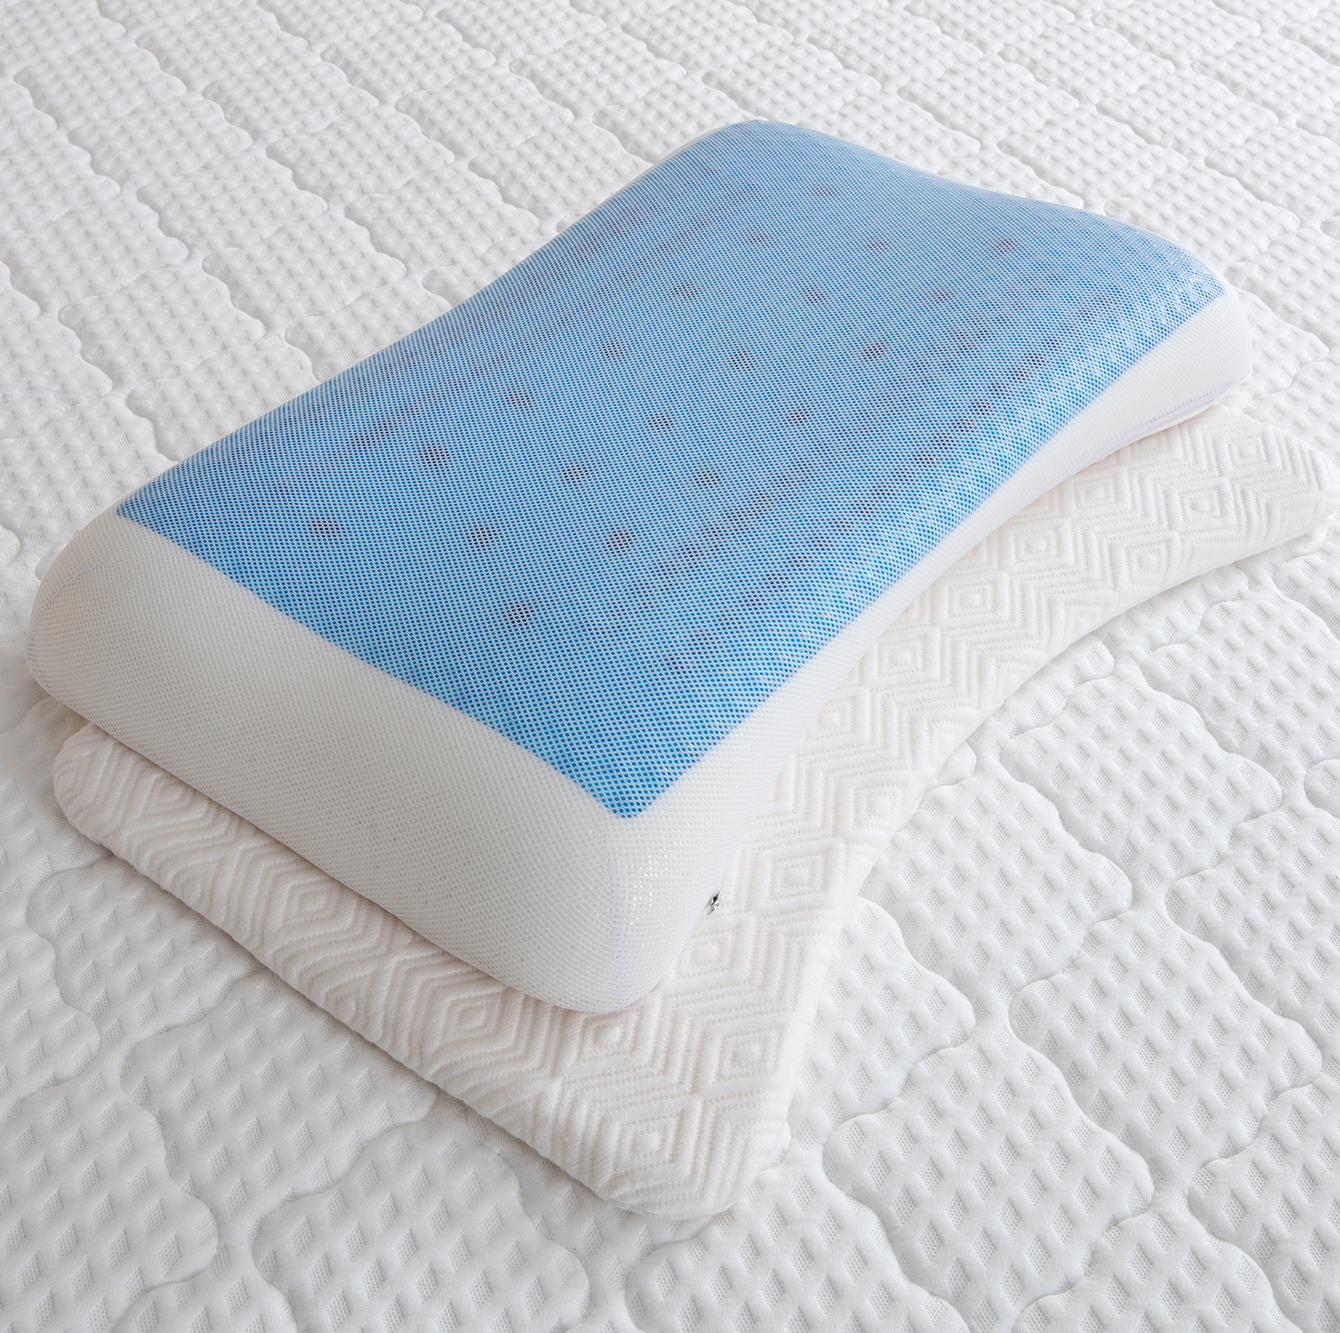 和也新型凝胶枕